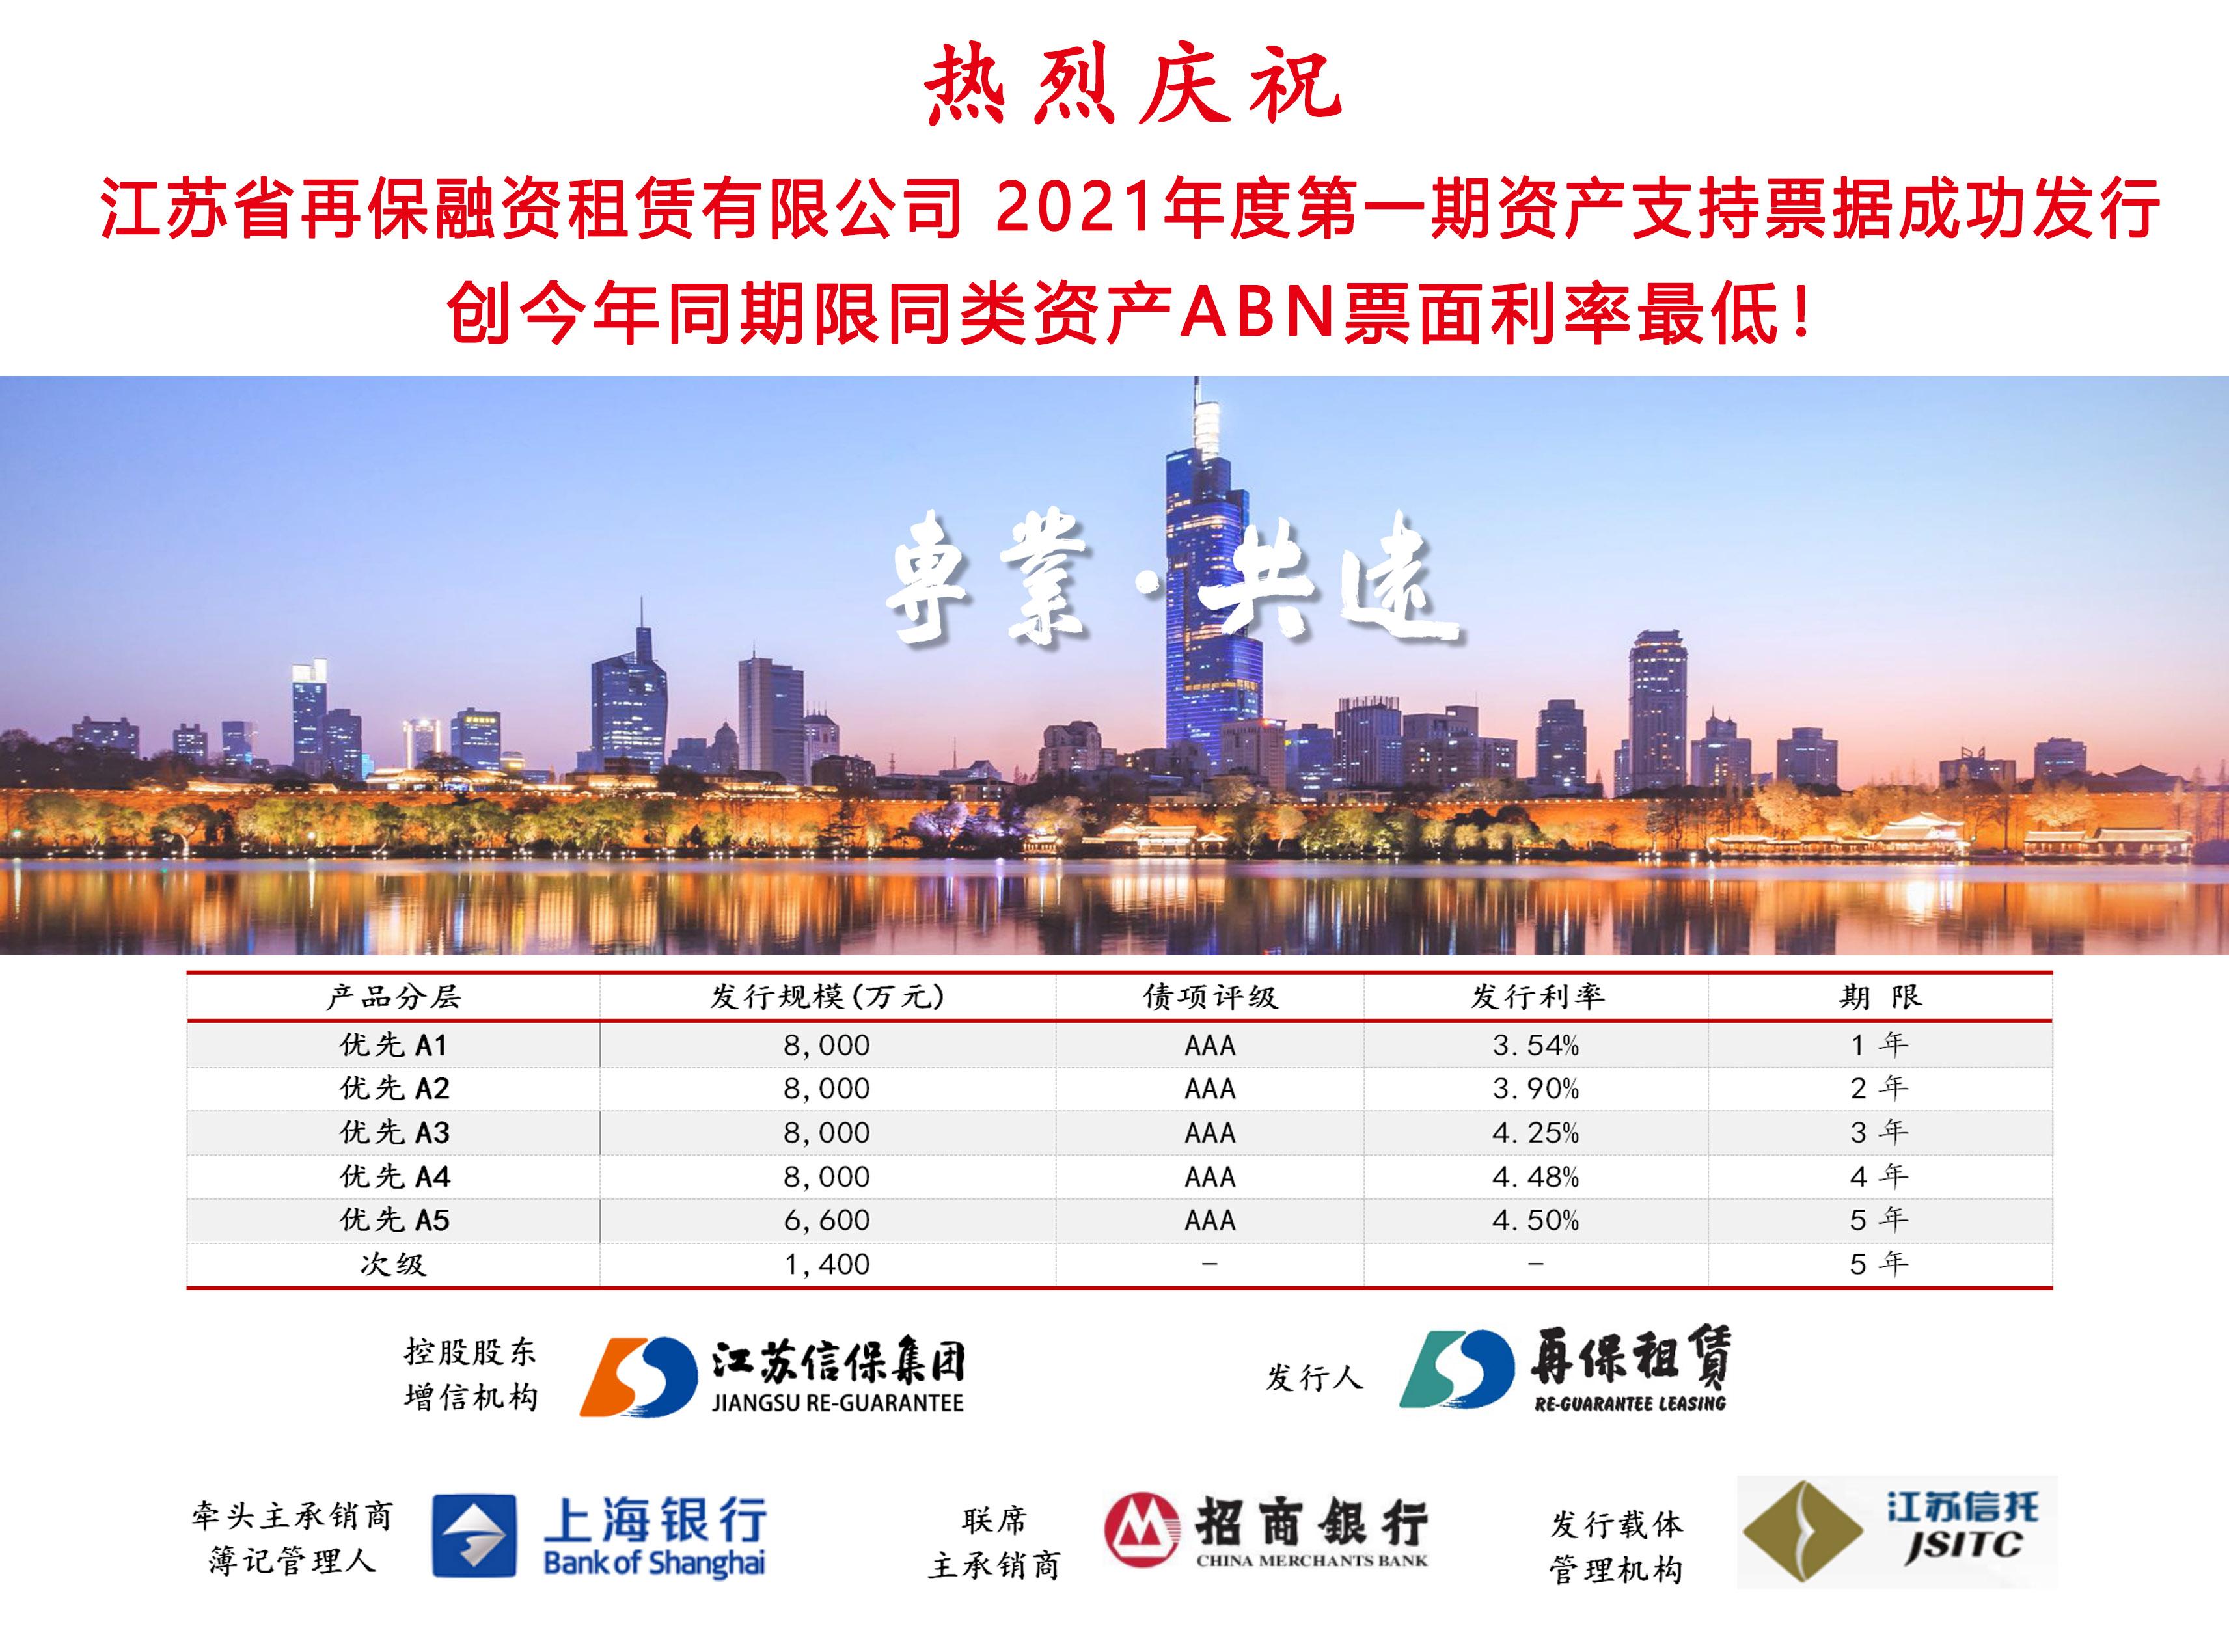 江苏省再保融资租赁有限公司第一期资产支持票据发行成功(图1)